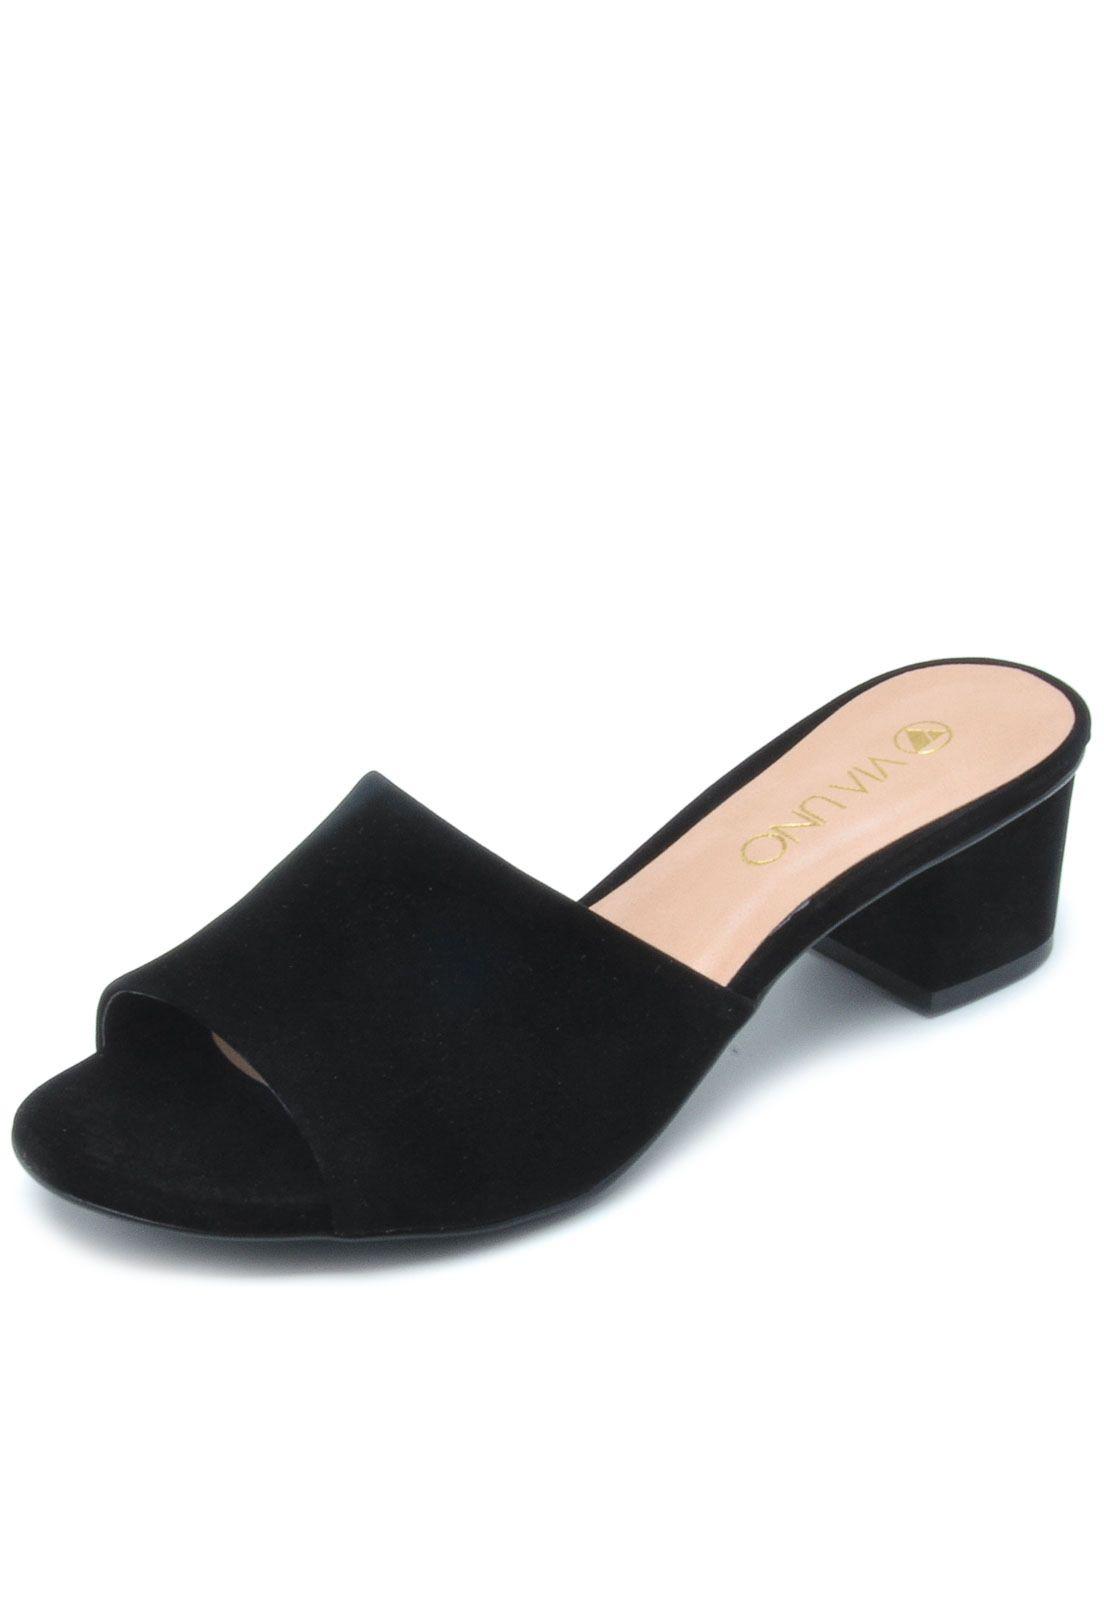 15698bdca Tamanco VIA UNO Liso Preto | Sapatos | Sapatos e Preto